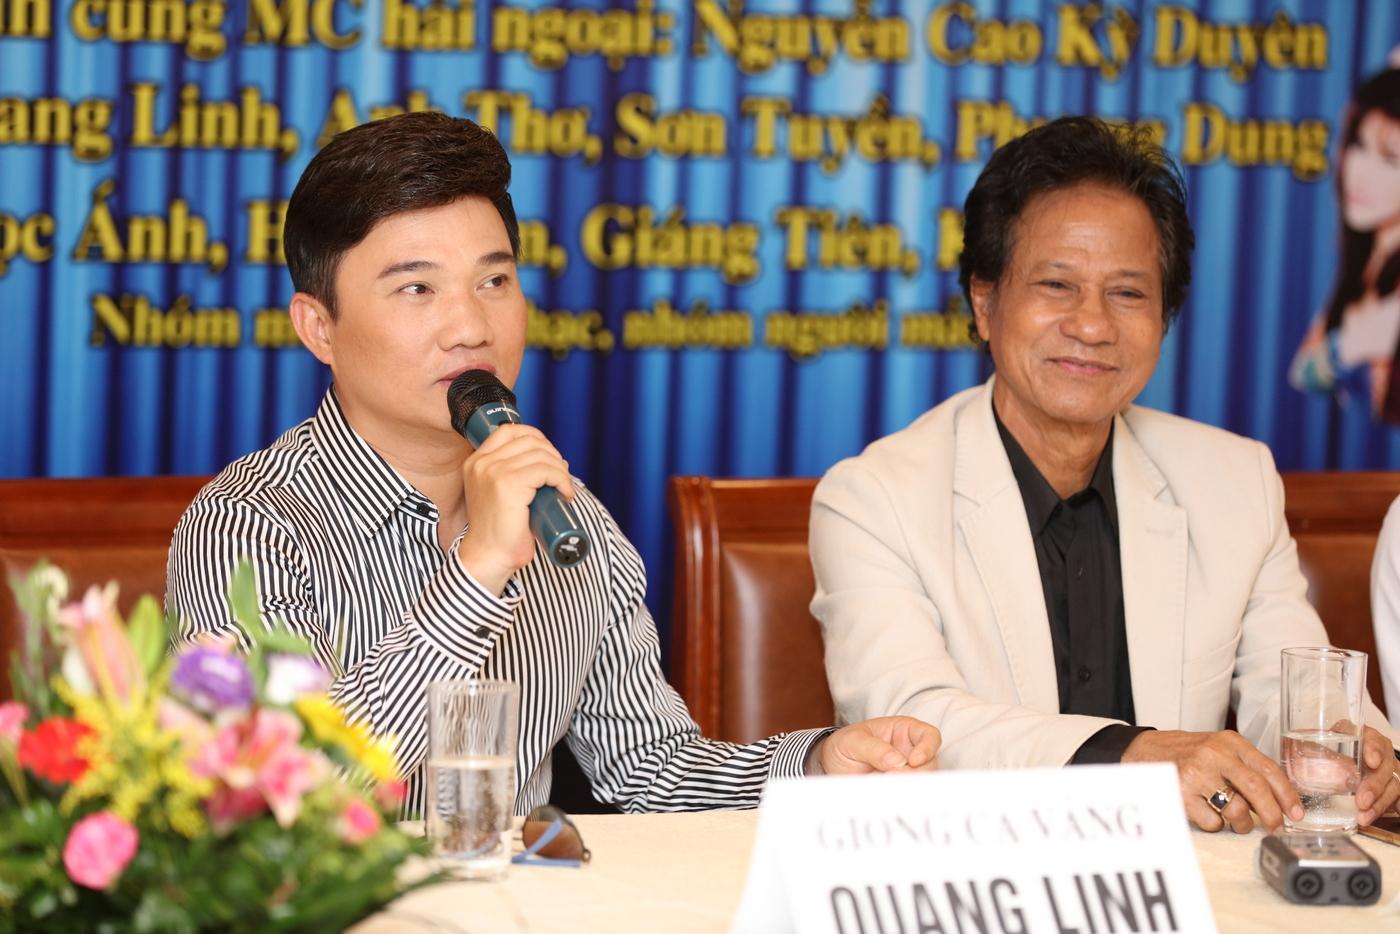 Chế Linh hội ngộ Quang Linh trong liveshow riêng tại Hà Nội